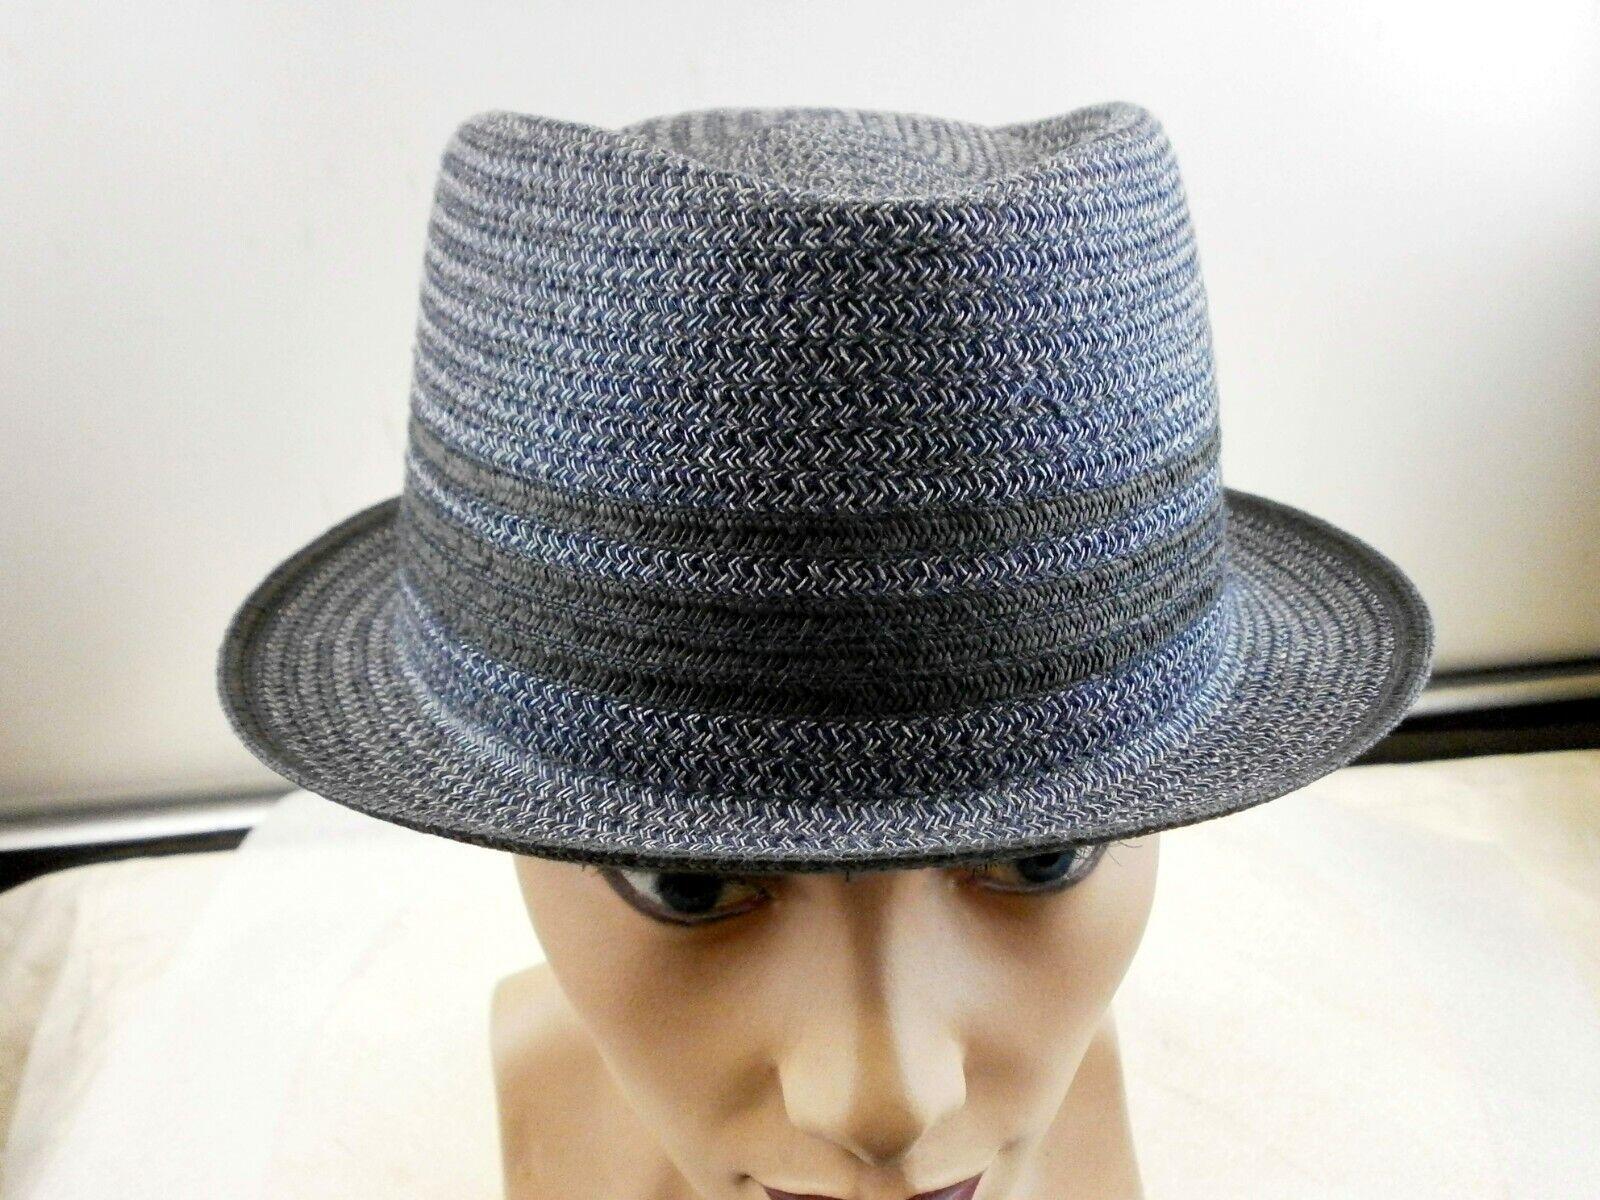 Summer Hat Straw Hat Wilson Göttmann Size 59/L (1098 Gön)